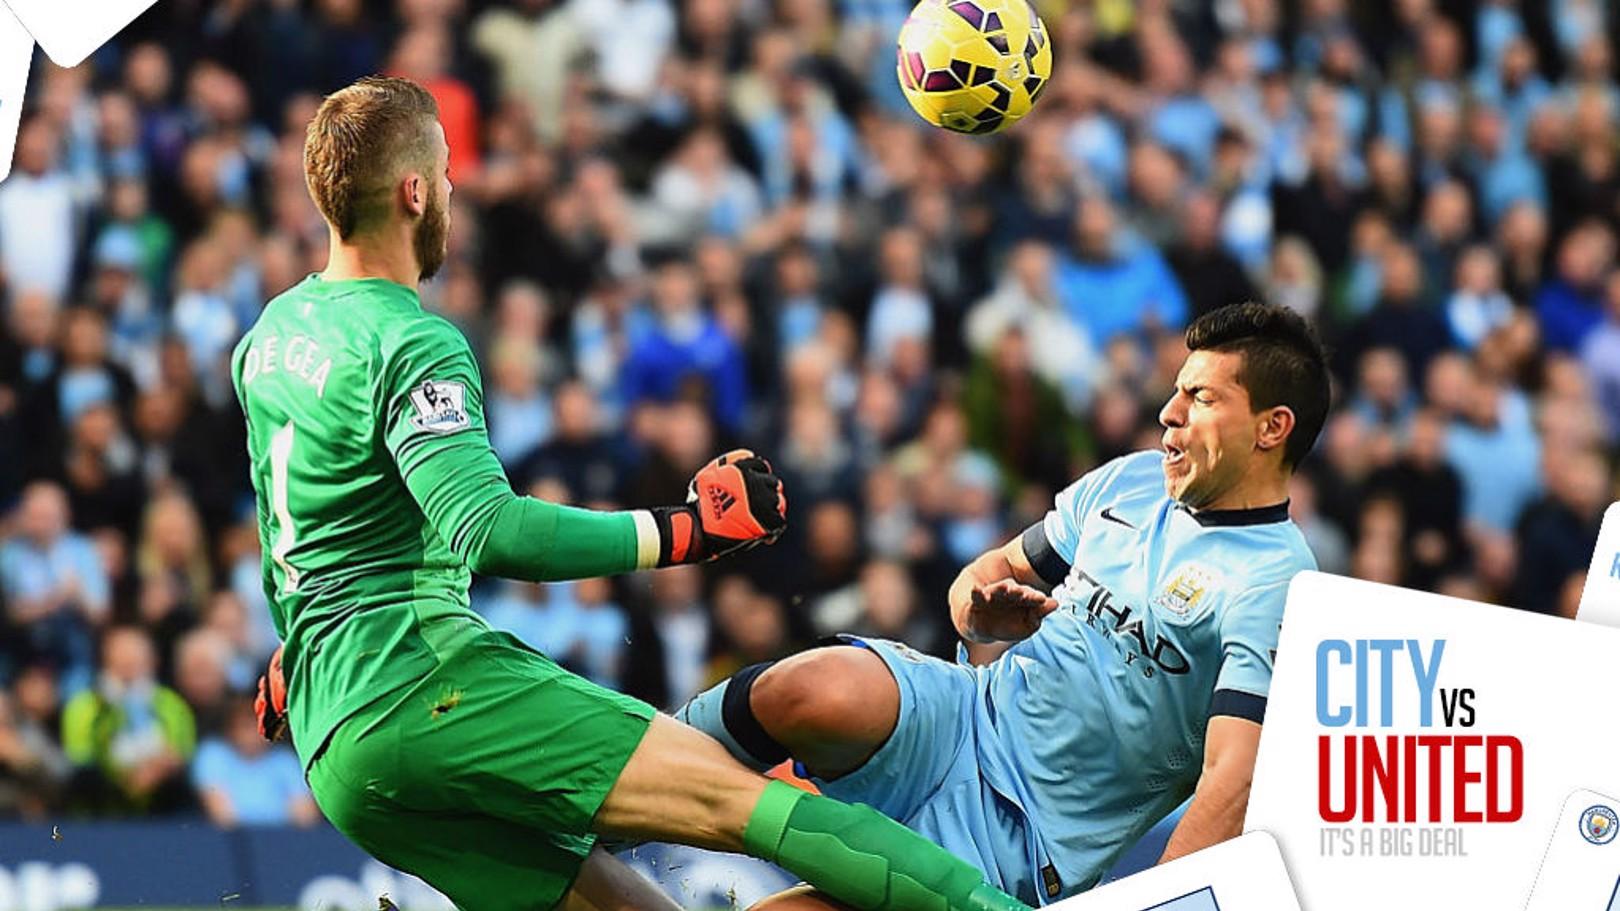 City vs United : Les matches dans le match